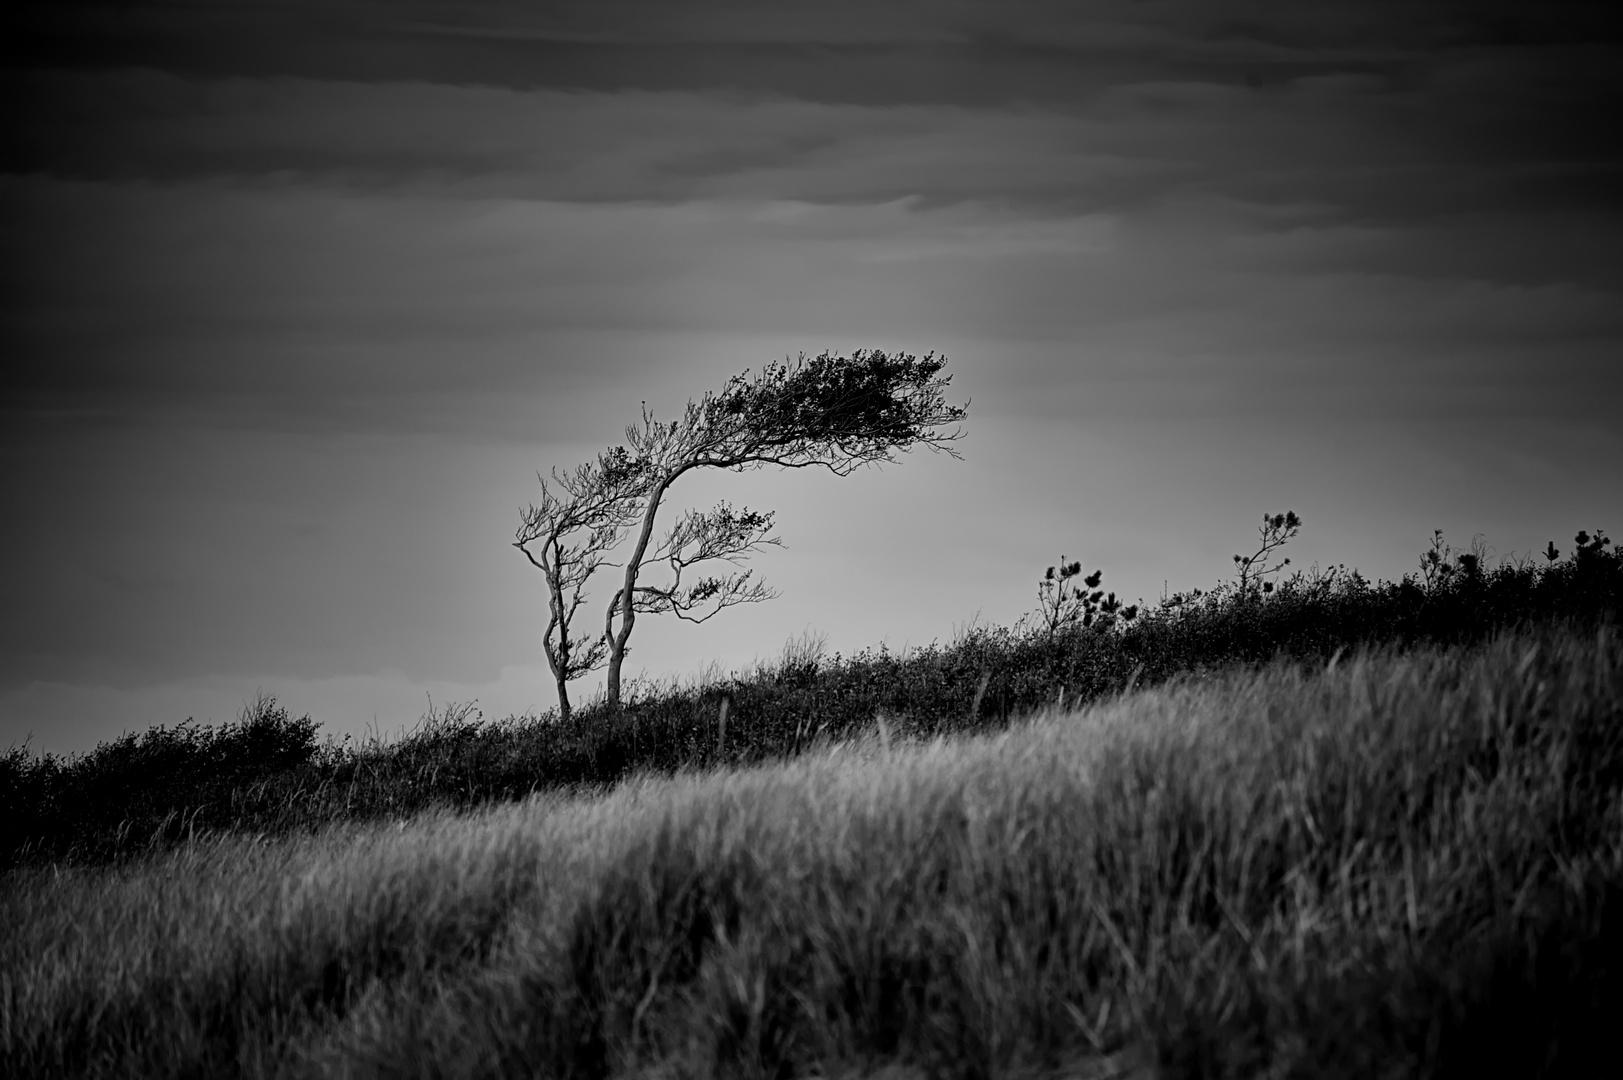 Vom Winde gezeichnet